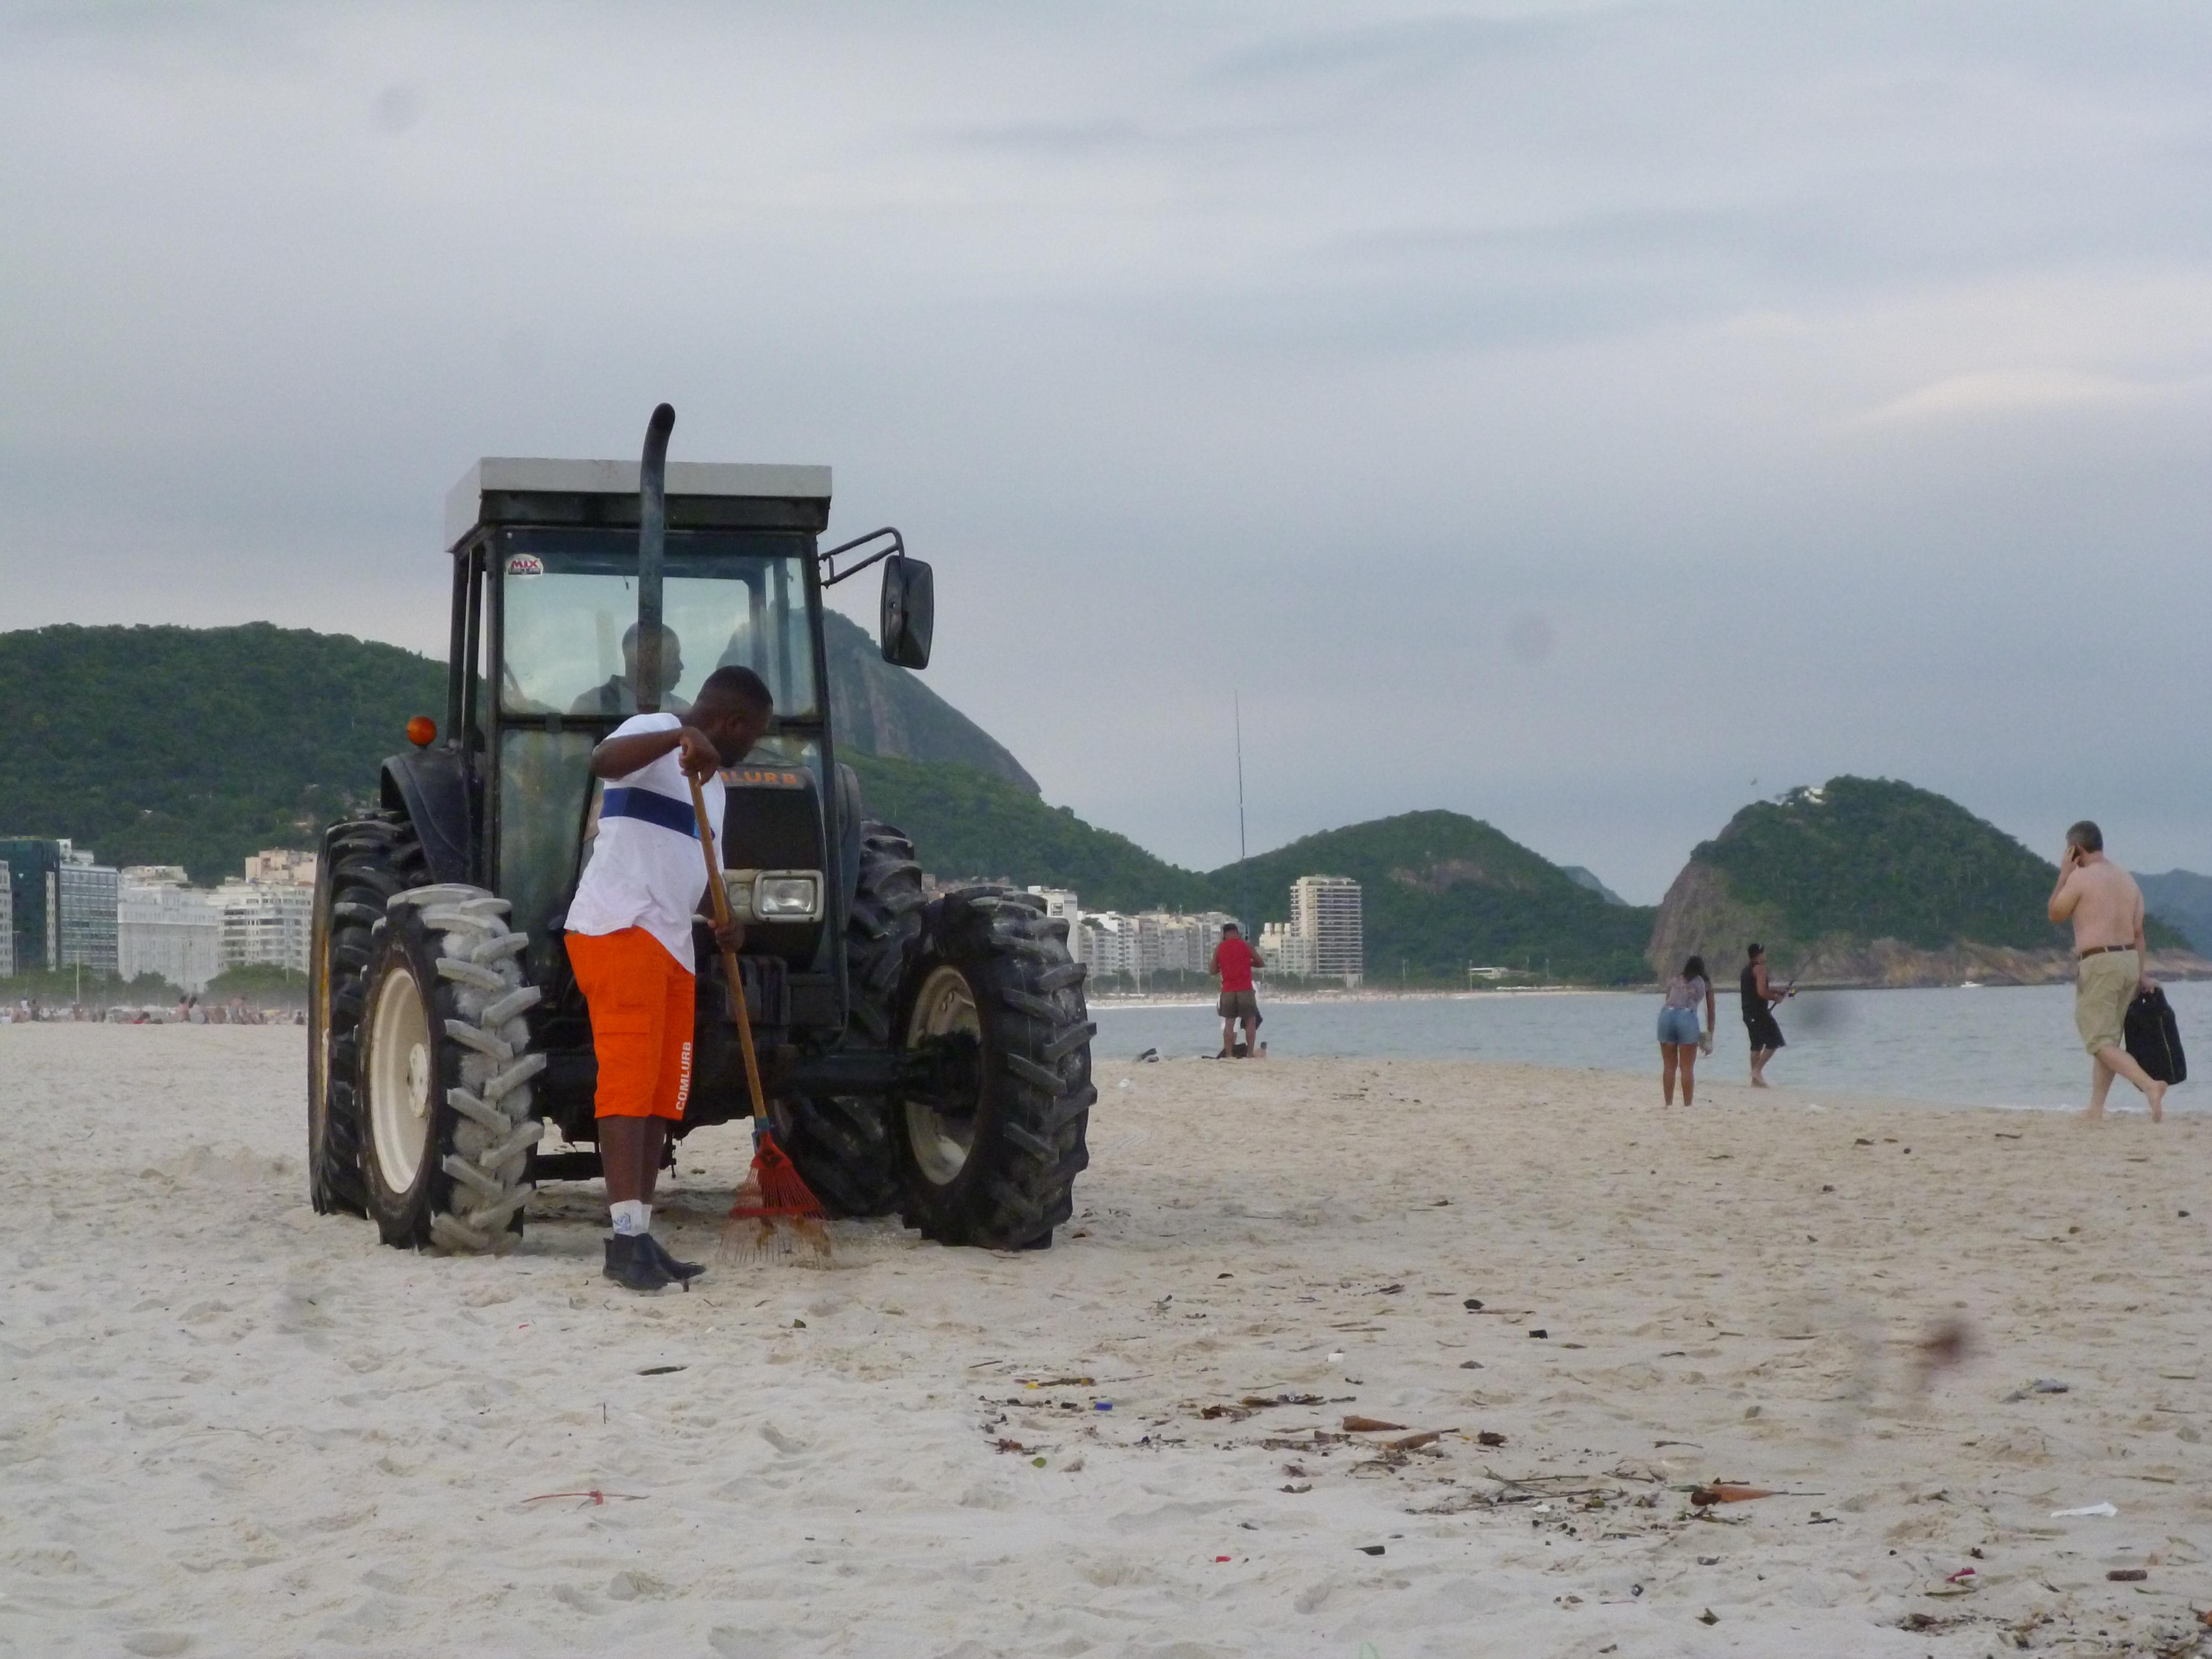 cantonier bresilien: 4km de plage a la main et au rateau